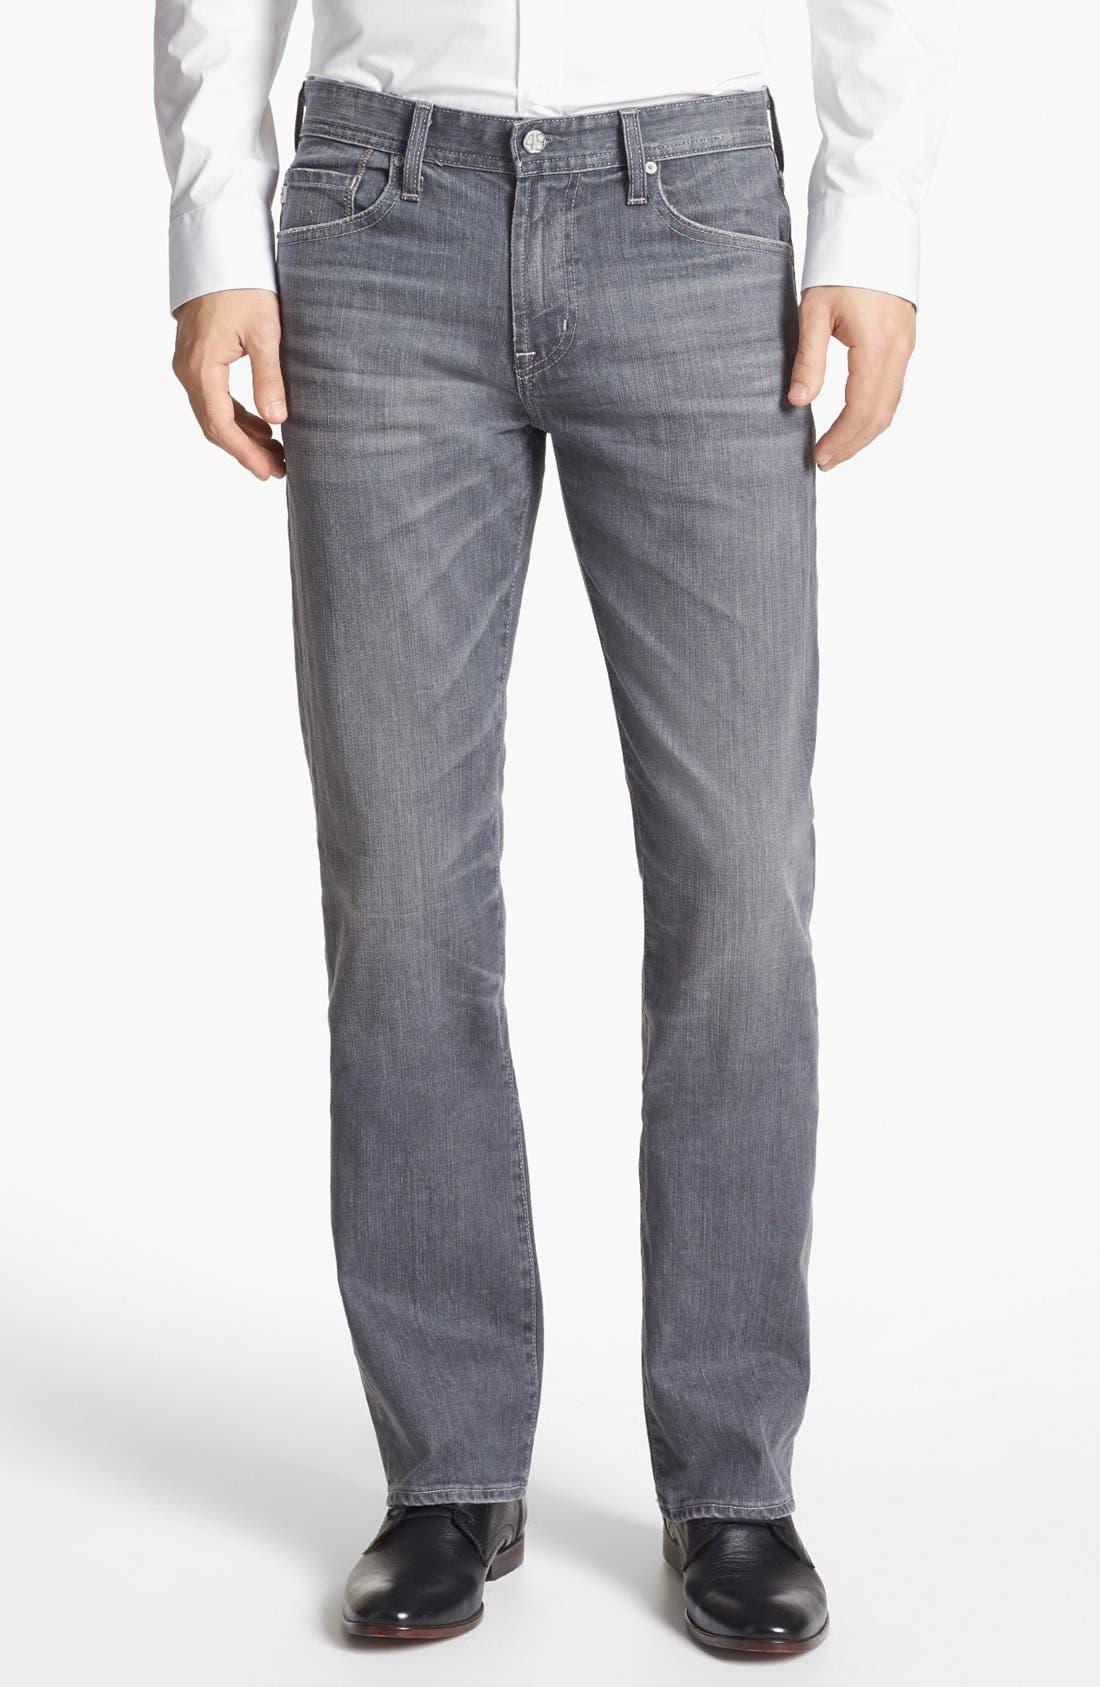 Main Image - AG 'Protégé' Straight Leg Jeans (9 Years Grey)